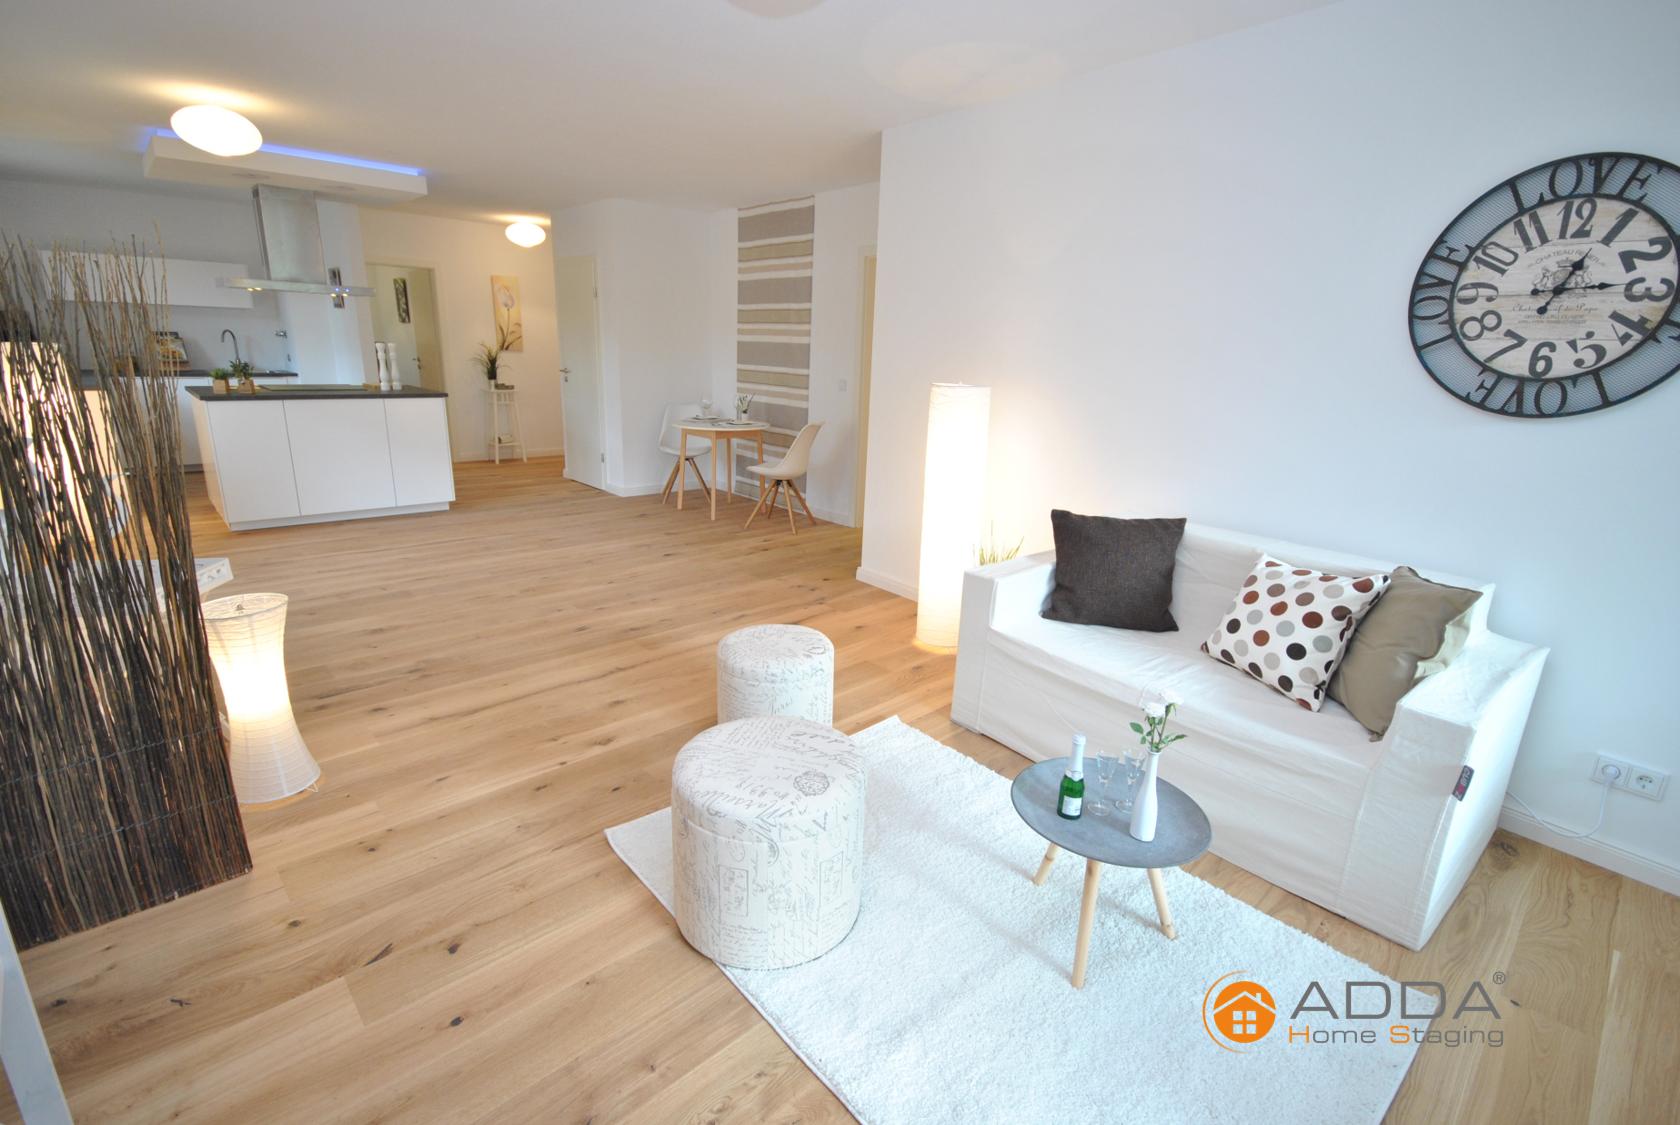 raumgestaltung • bilder & ideen • couchstyle, Wohnzimmer